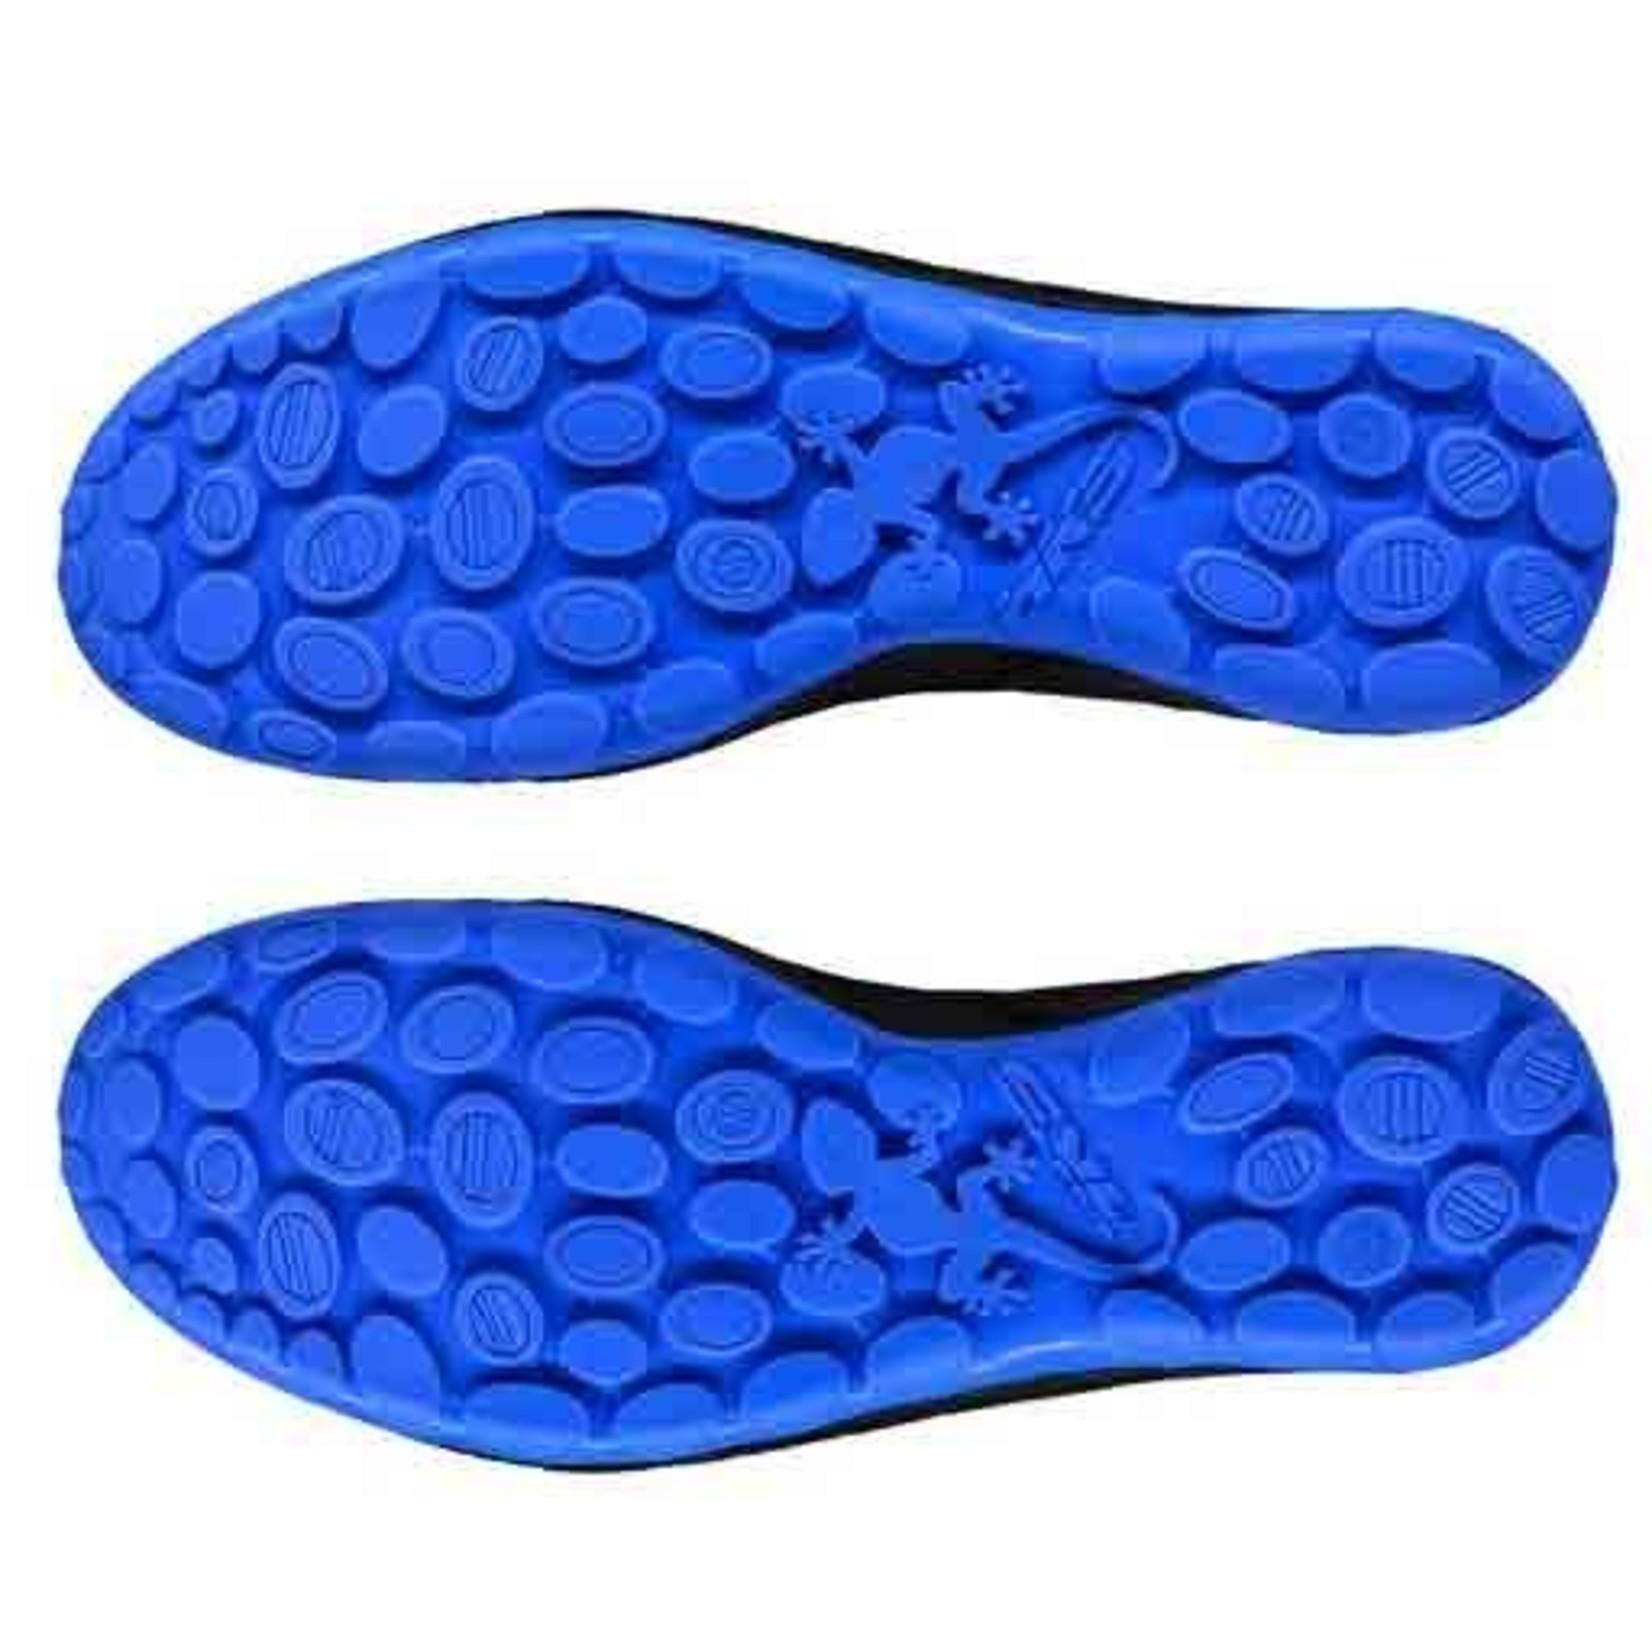 HKS werkschoenen HKS barefoot 10